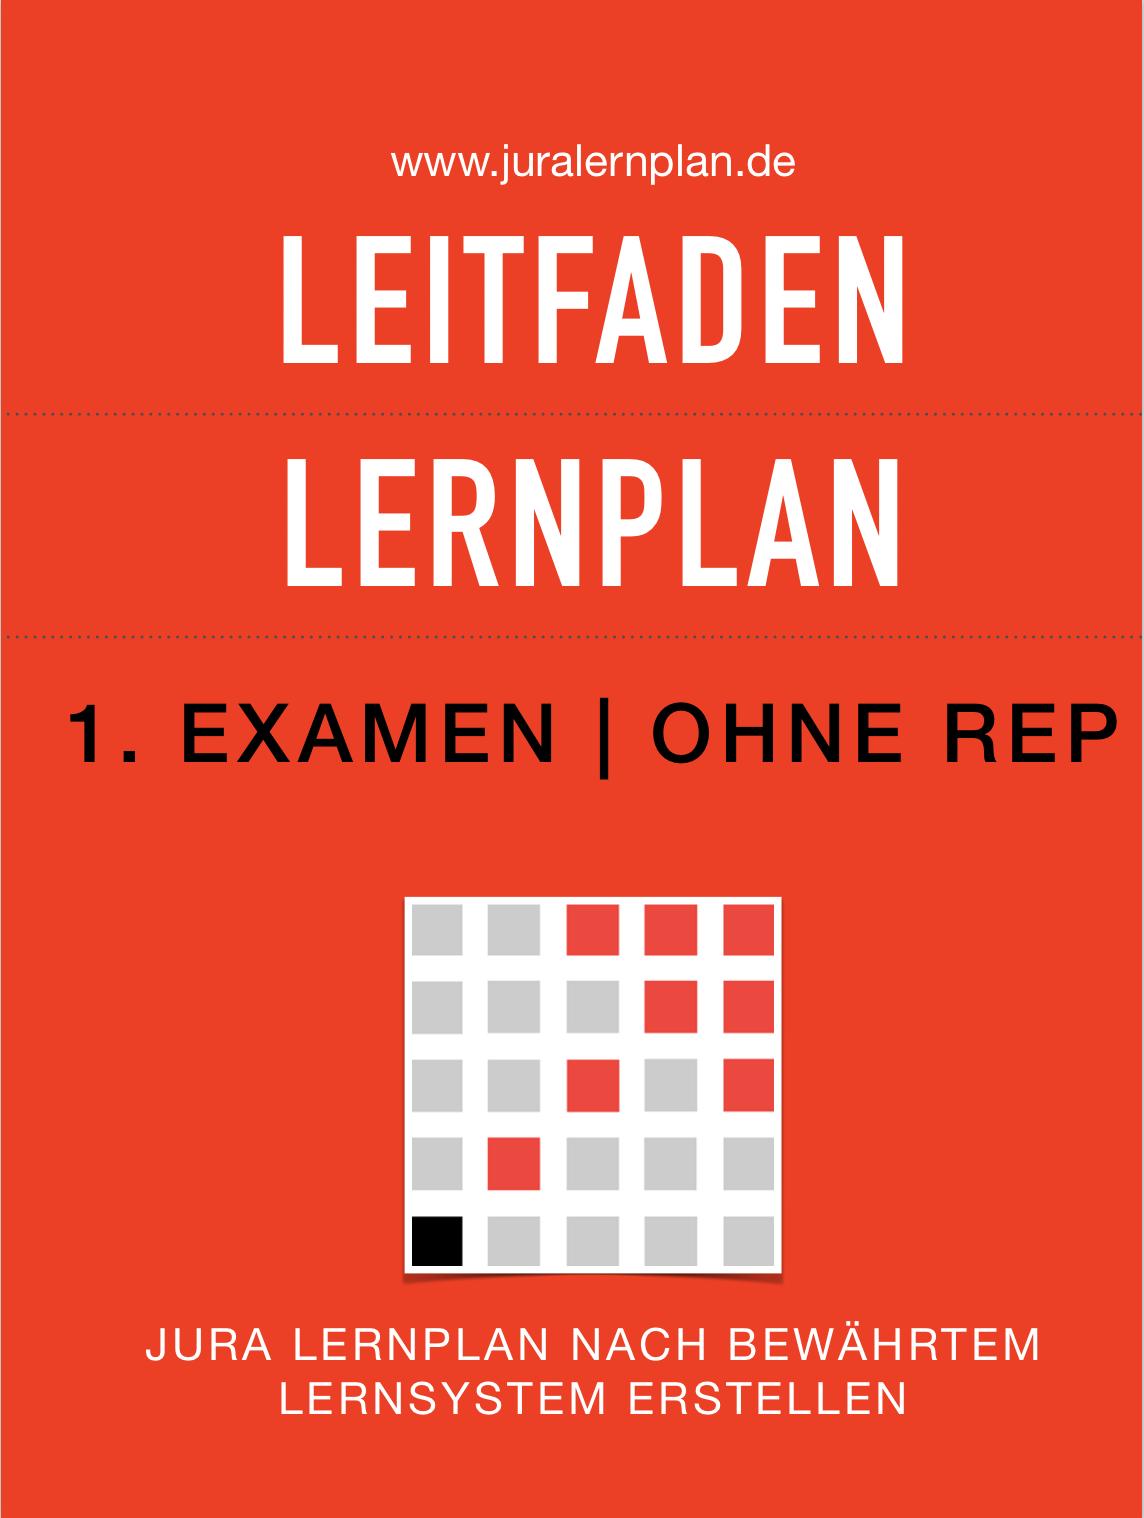 Jura Lernplan Leitfaden 1. Examen ohne Rep - JURALERNPLAN Jura Lernplan Studium Examen